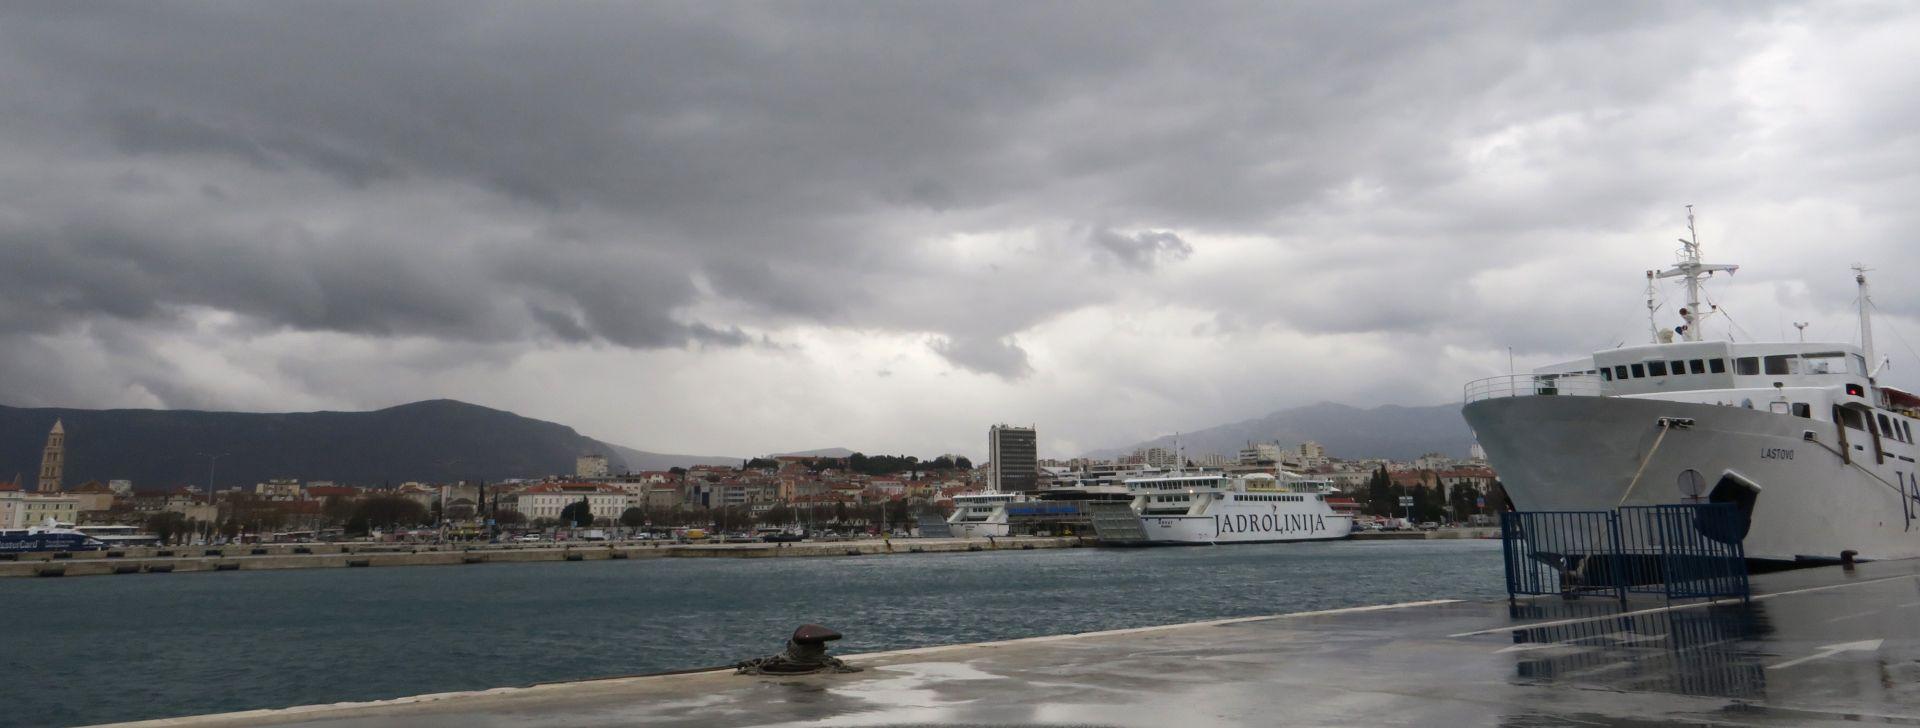 TEMPERATURE DO 15°C Umjereno oblačno, moguća mjestimična kiša